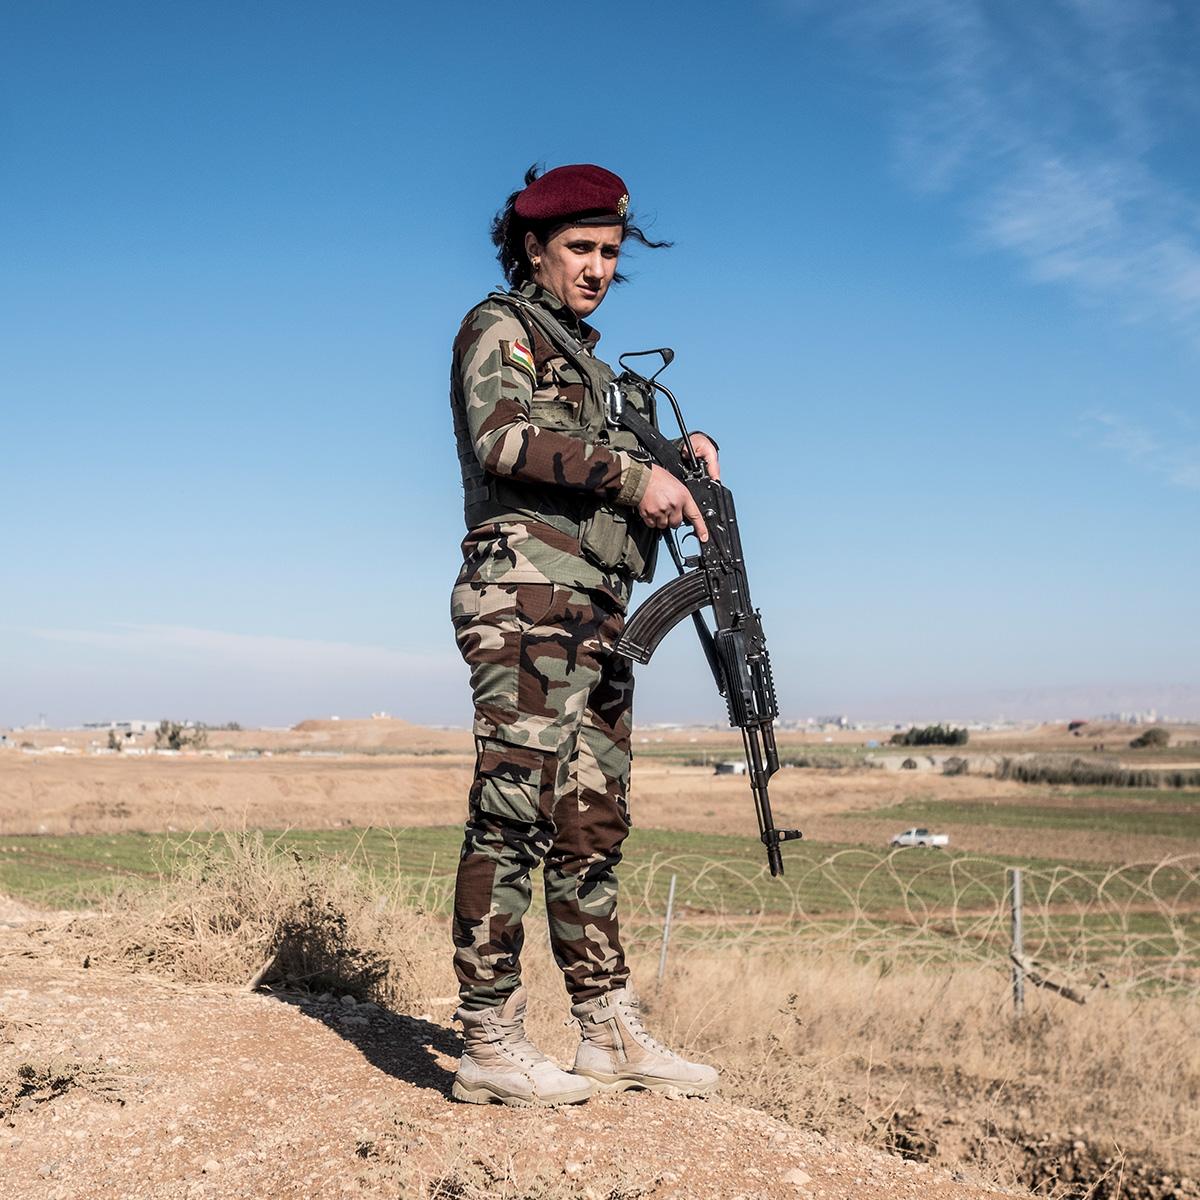 MoeZoyari_Iraq_48.JPG